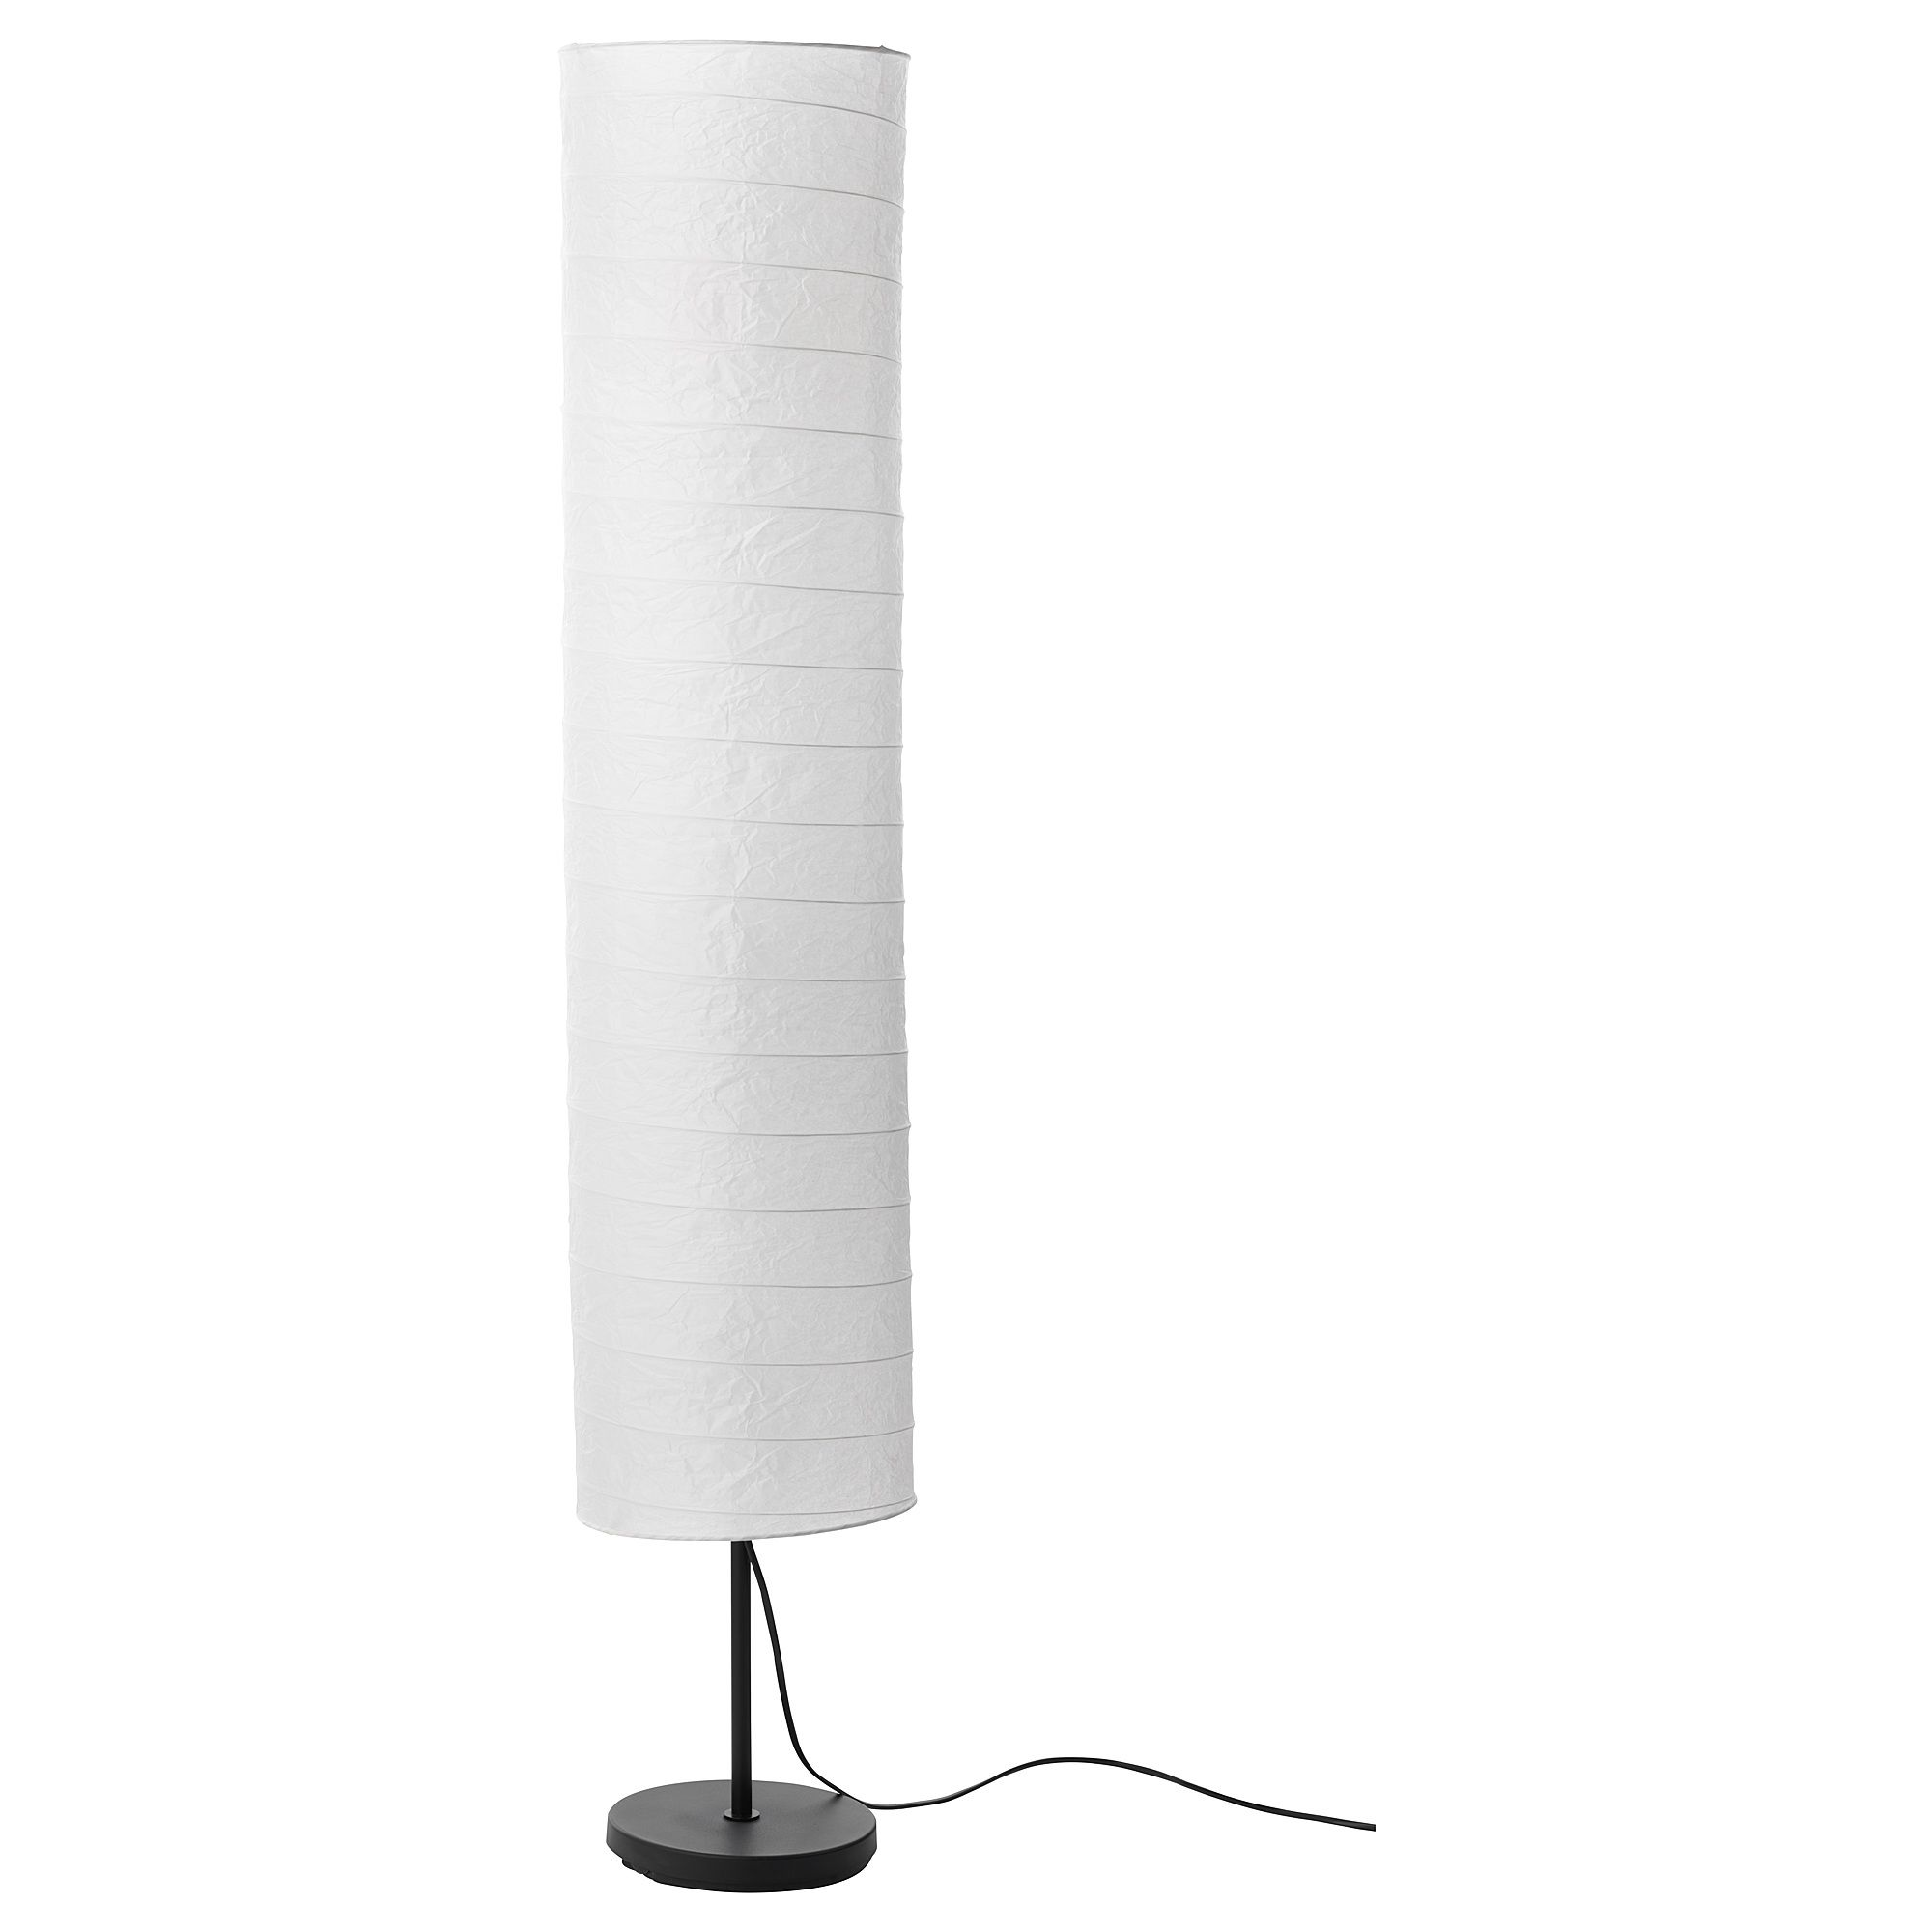 Full Size of Ikea Stehlampen Holm Standleuchte Sterreich Küche Kosten Betten Bei Modulküche Sofa Mit Schlaffunktion Kaufen 160x200 Wohnzimmer Miniküche Wohnzimmer Ikea Stehlampen